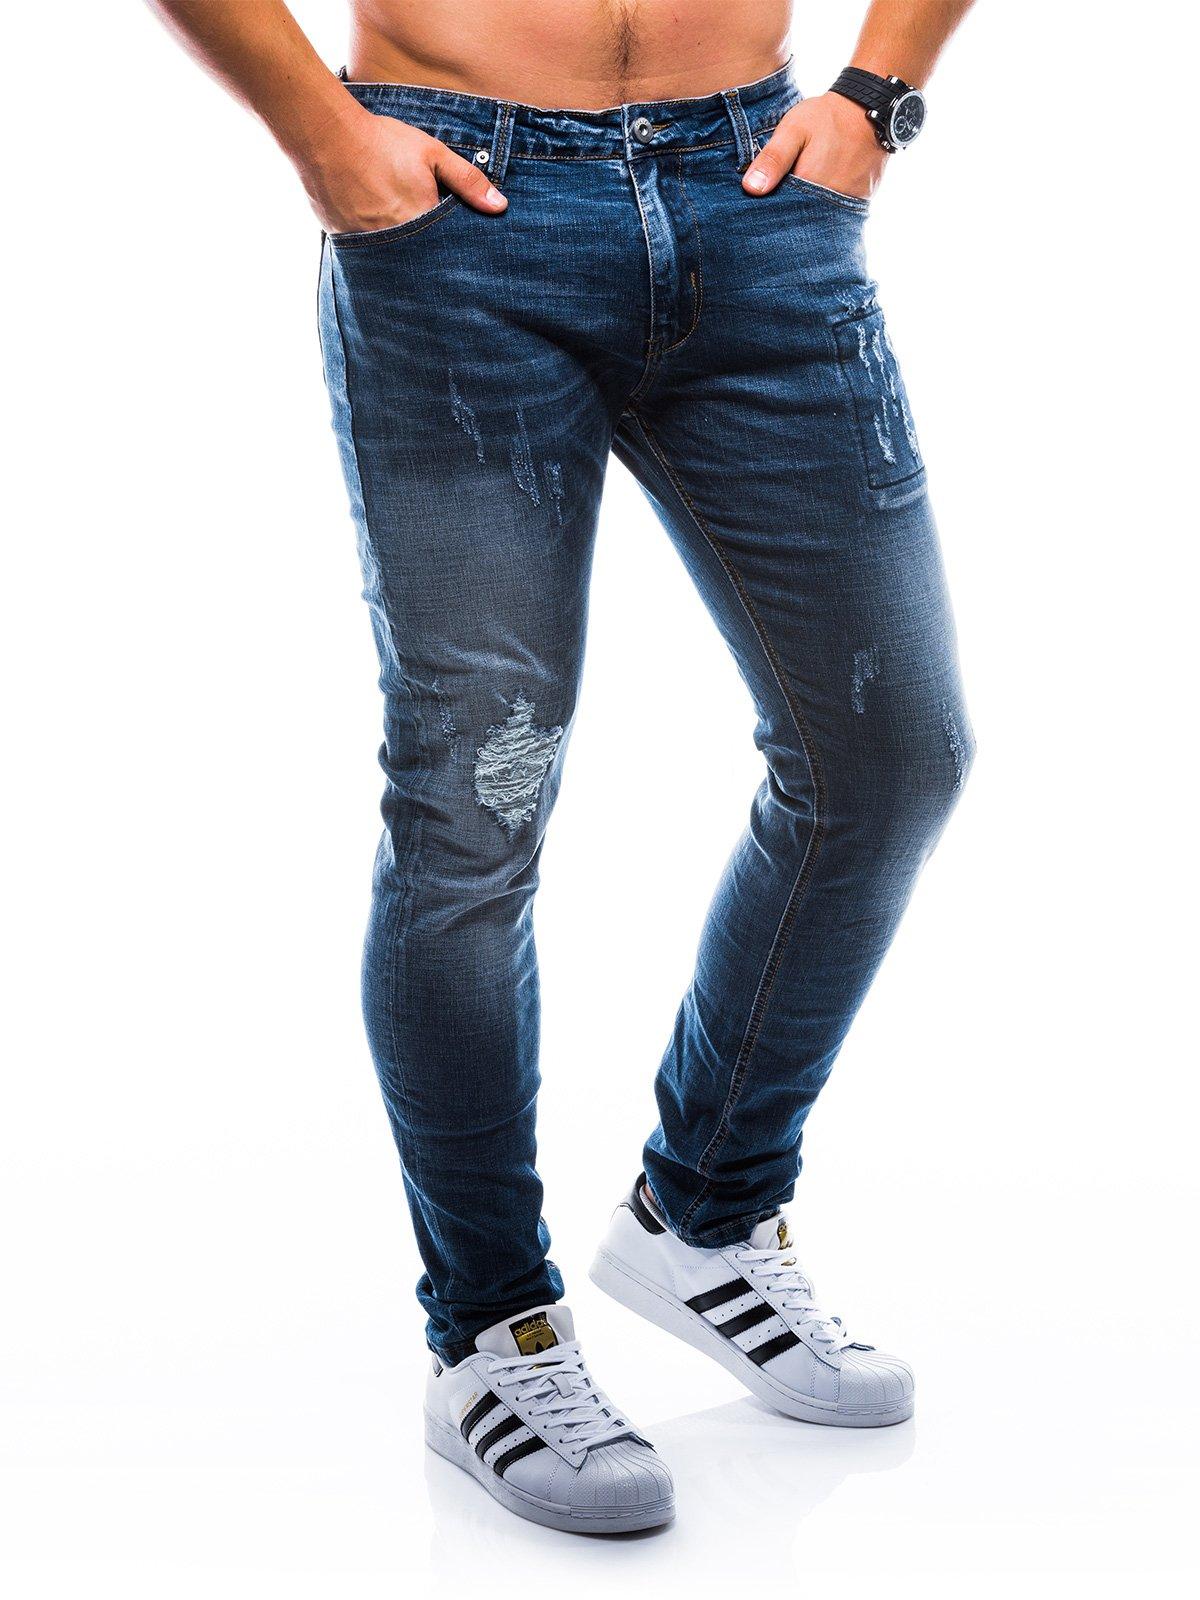 Spodnie męskie jeansowe P768 - granatowe